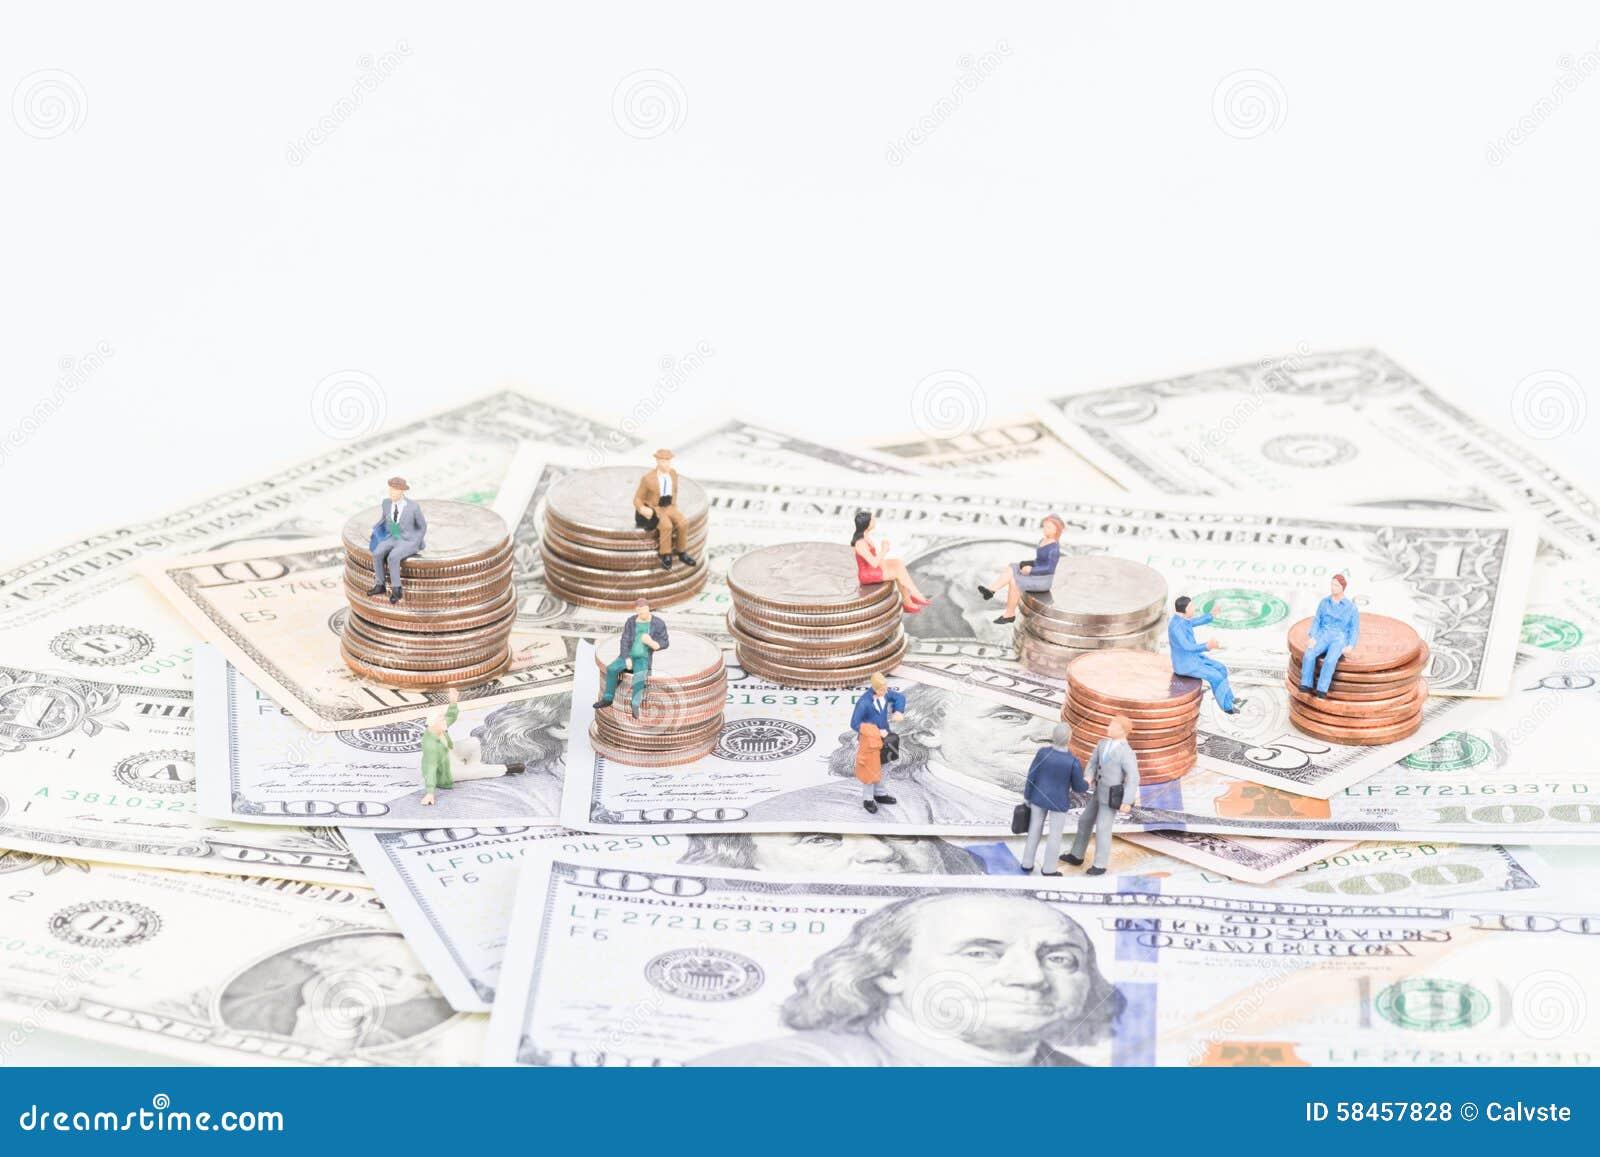 Μικροσκοπικοί άνθρωποι στα νομίσματα και τα τραπεζογραμμάτια